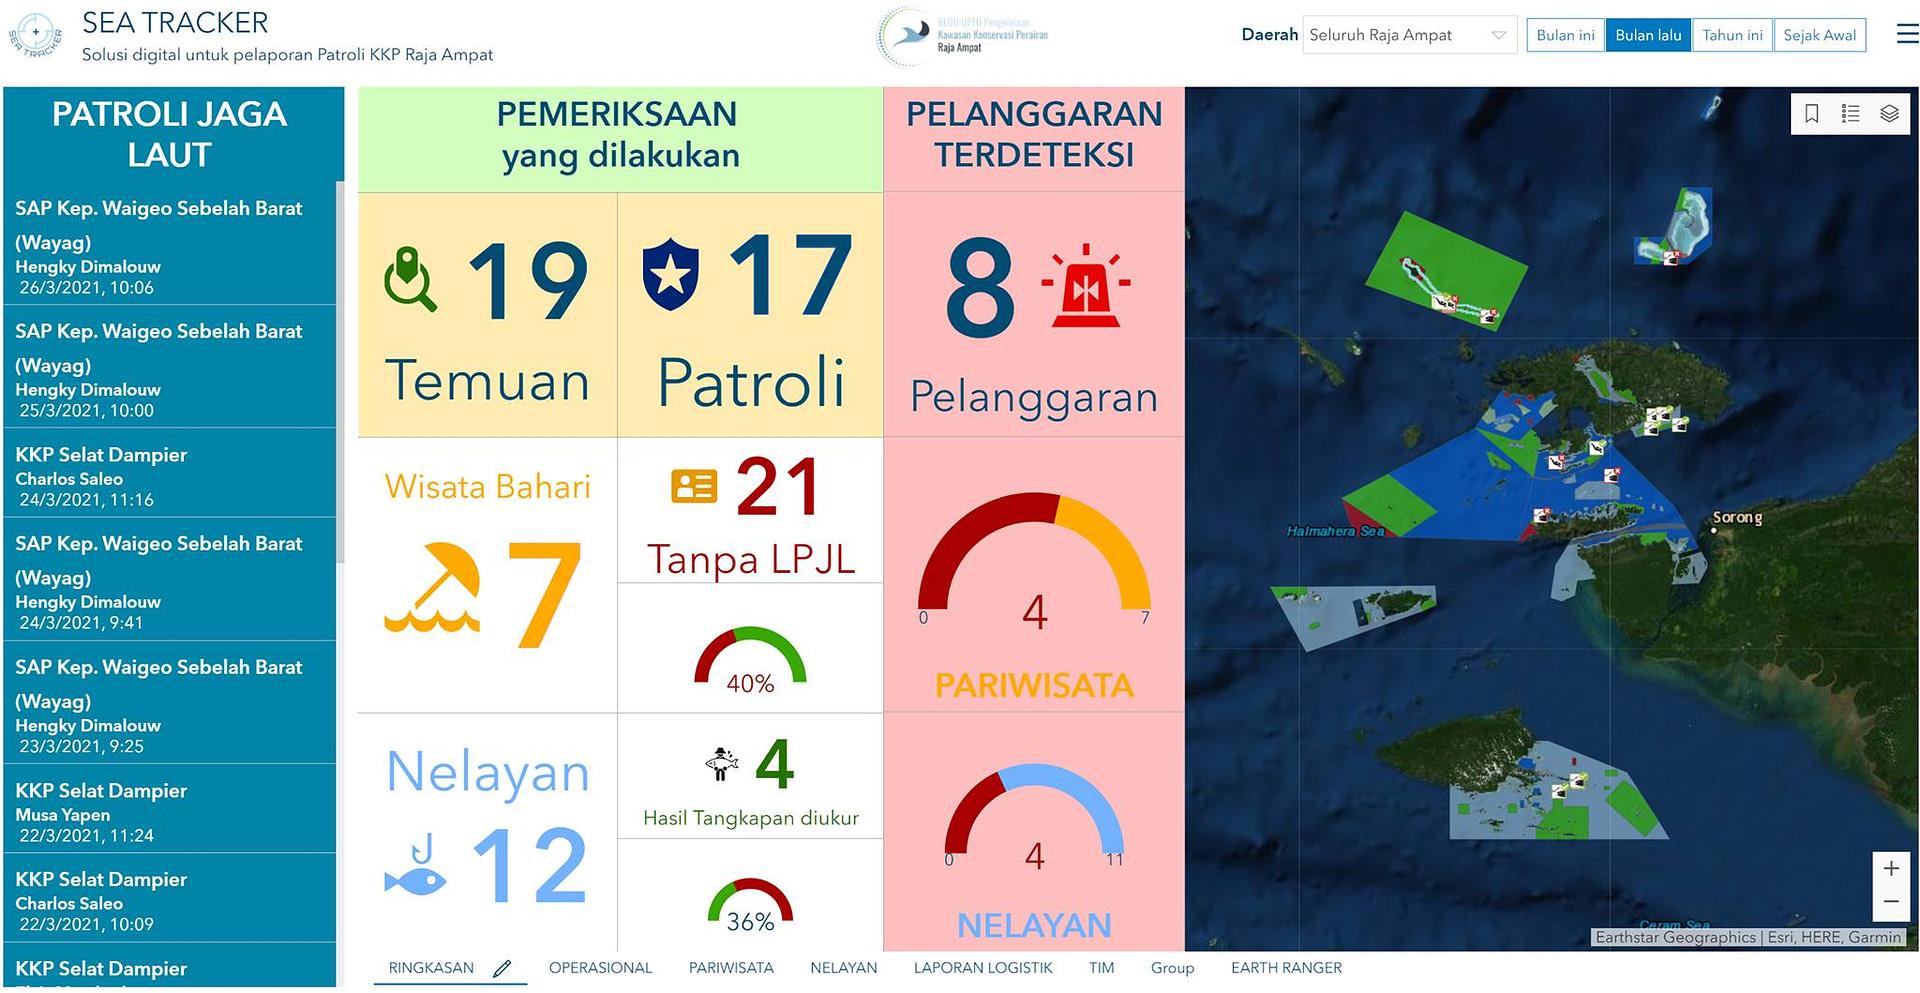 SEA TRACKER Raja Ampat Marine Park Authority